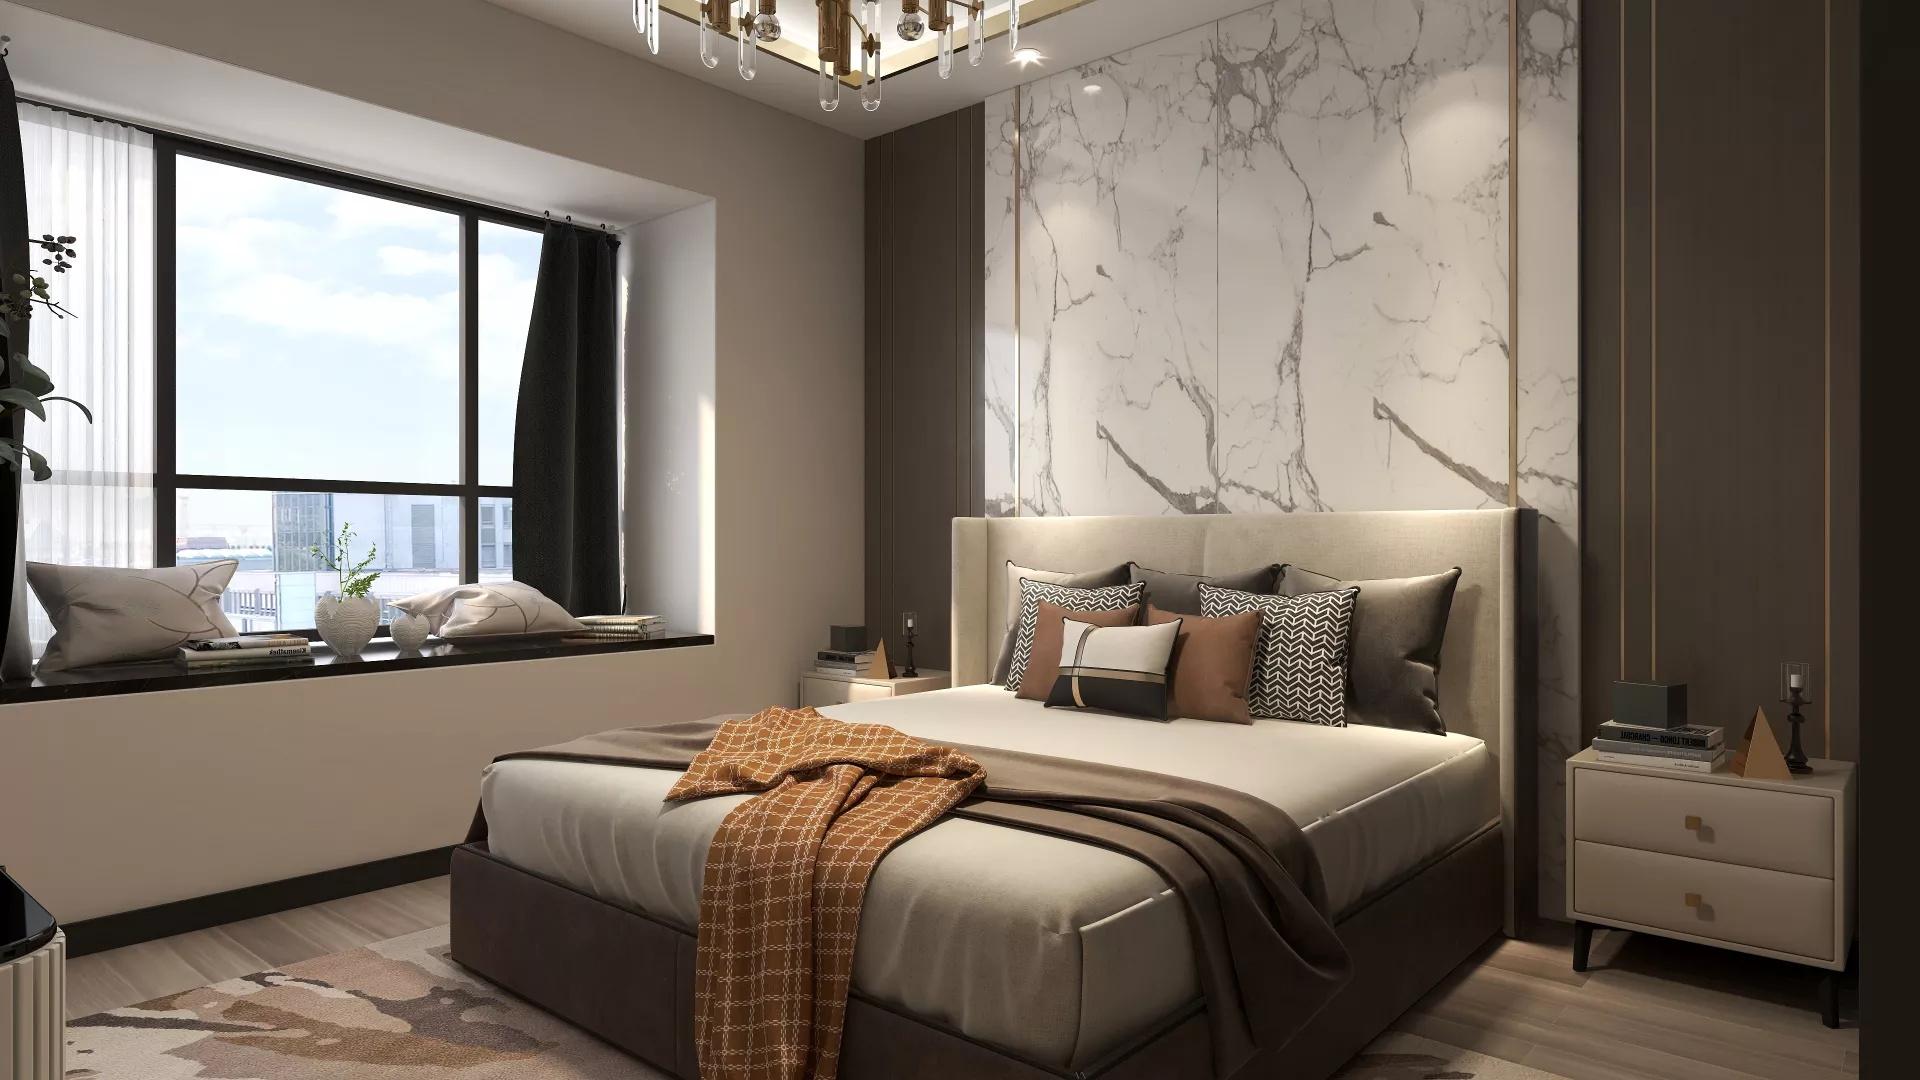 暖色平淡风格卧室装修效果图